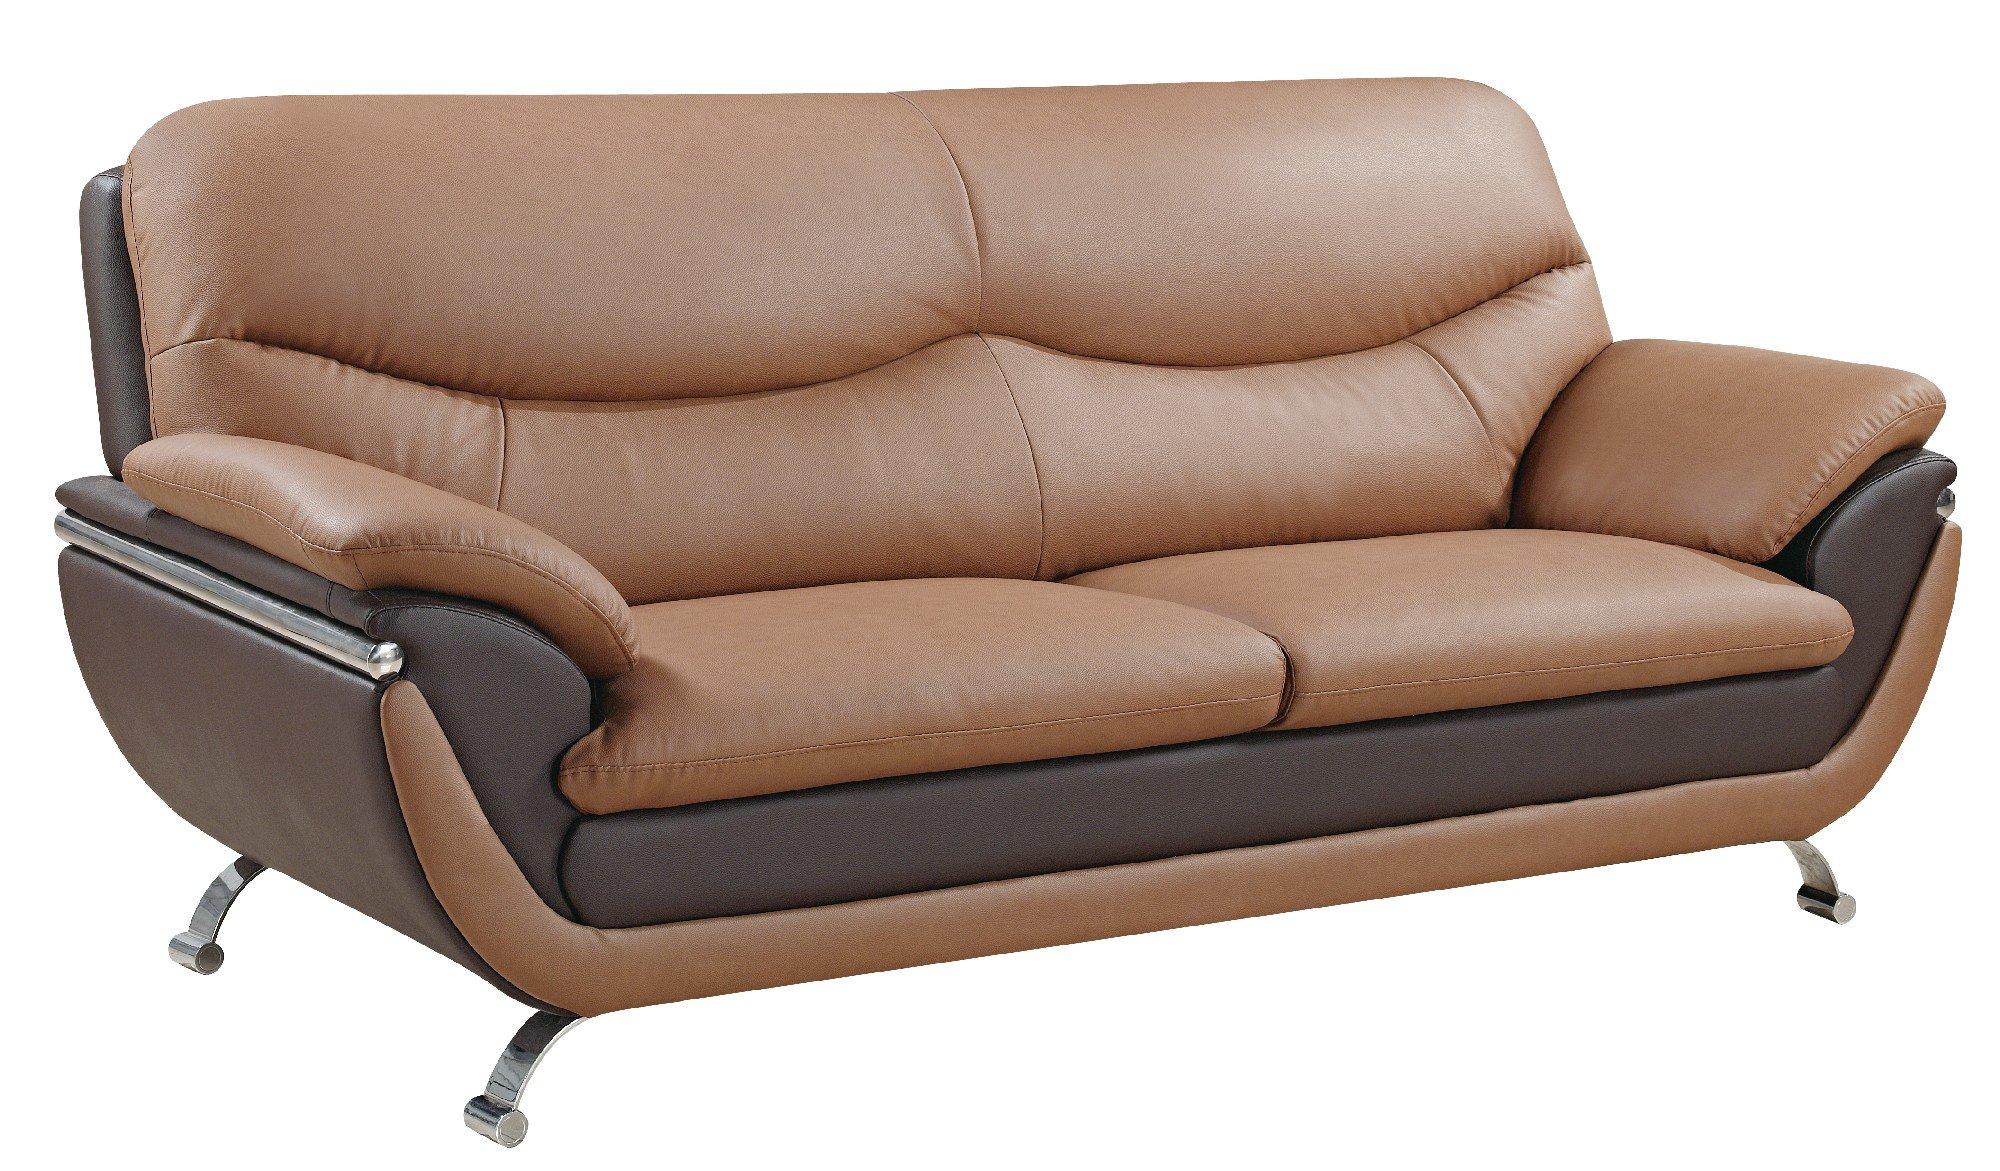 u2106 brown bonded sofa by global furniture On global furniture